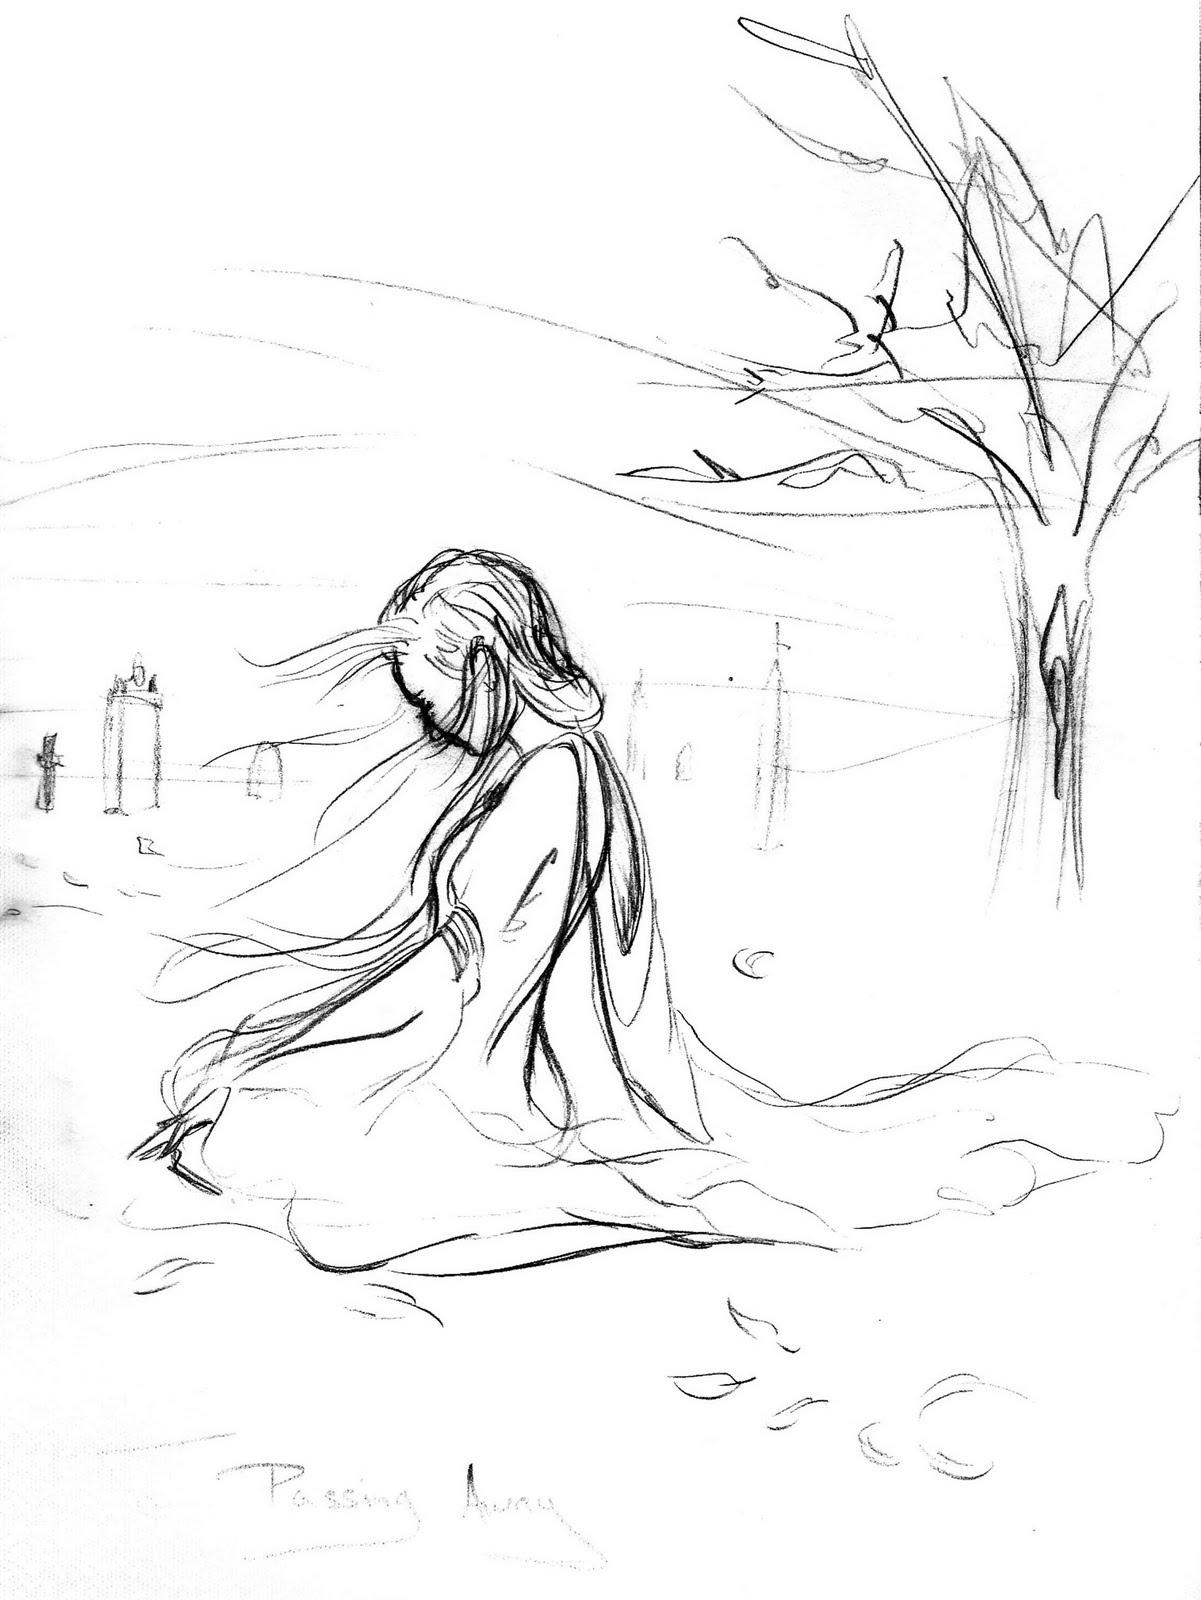 1201x1600 The Dreamer's Imagination Digital Illustration Alera